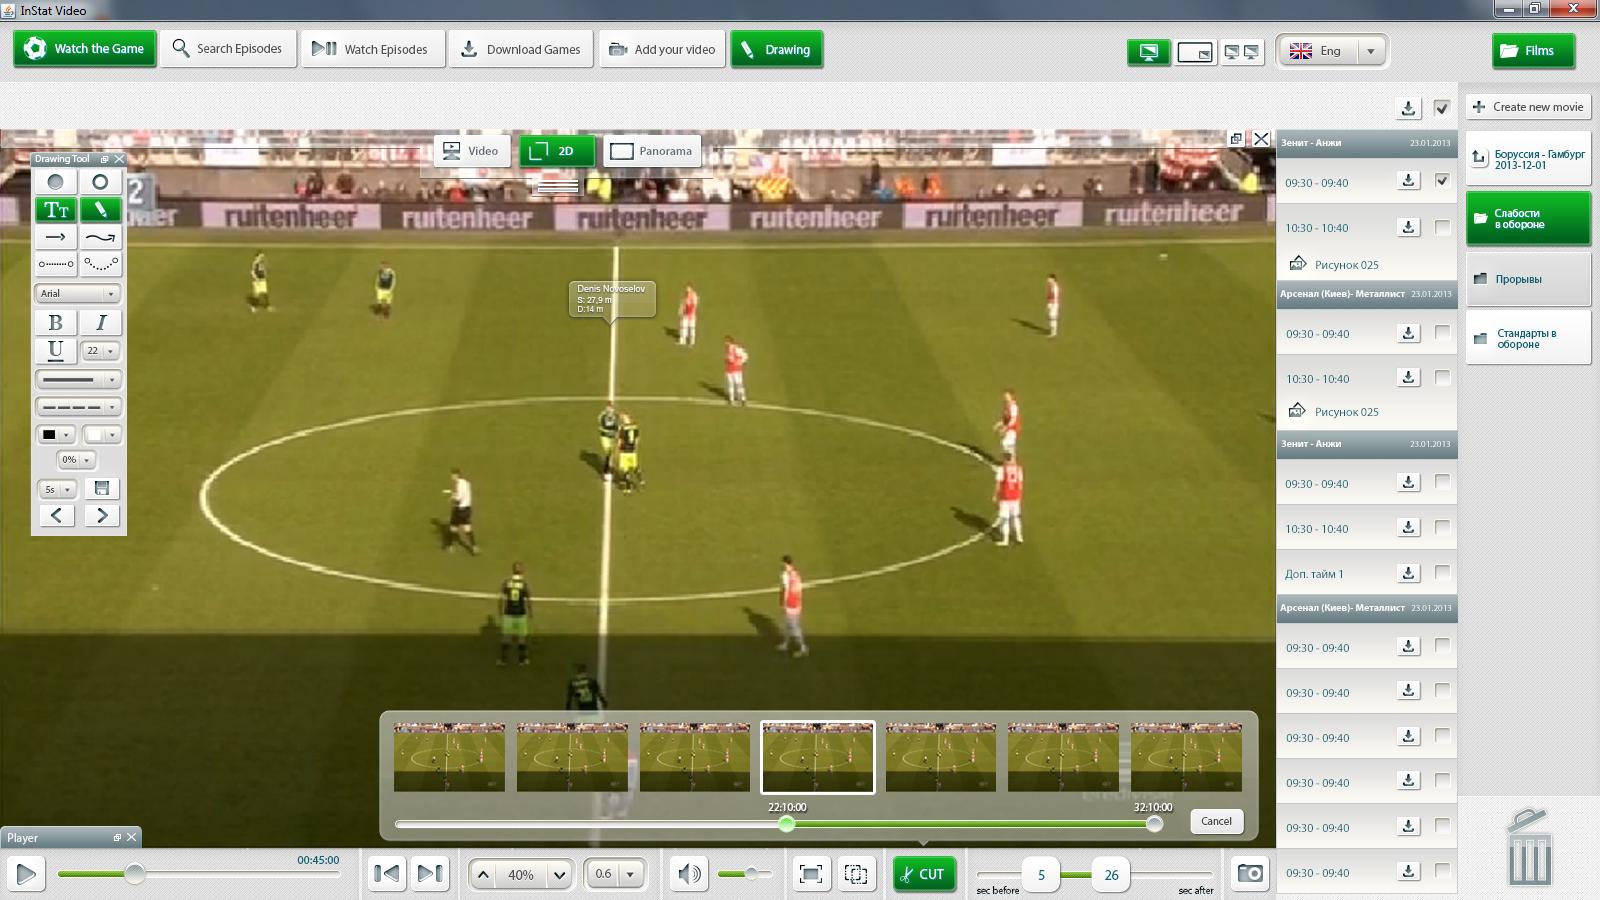 Soccer statistics desktop application | Mariya Miroshyna Design